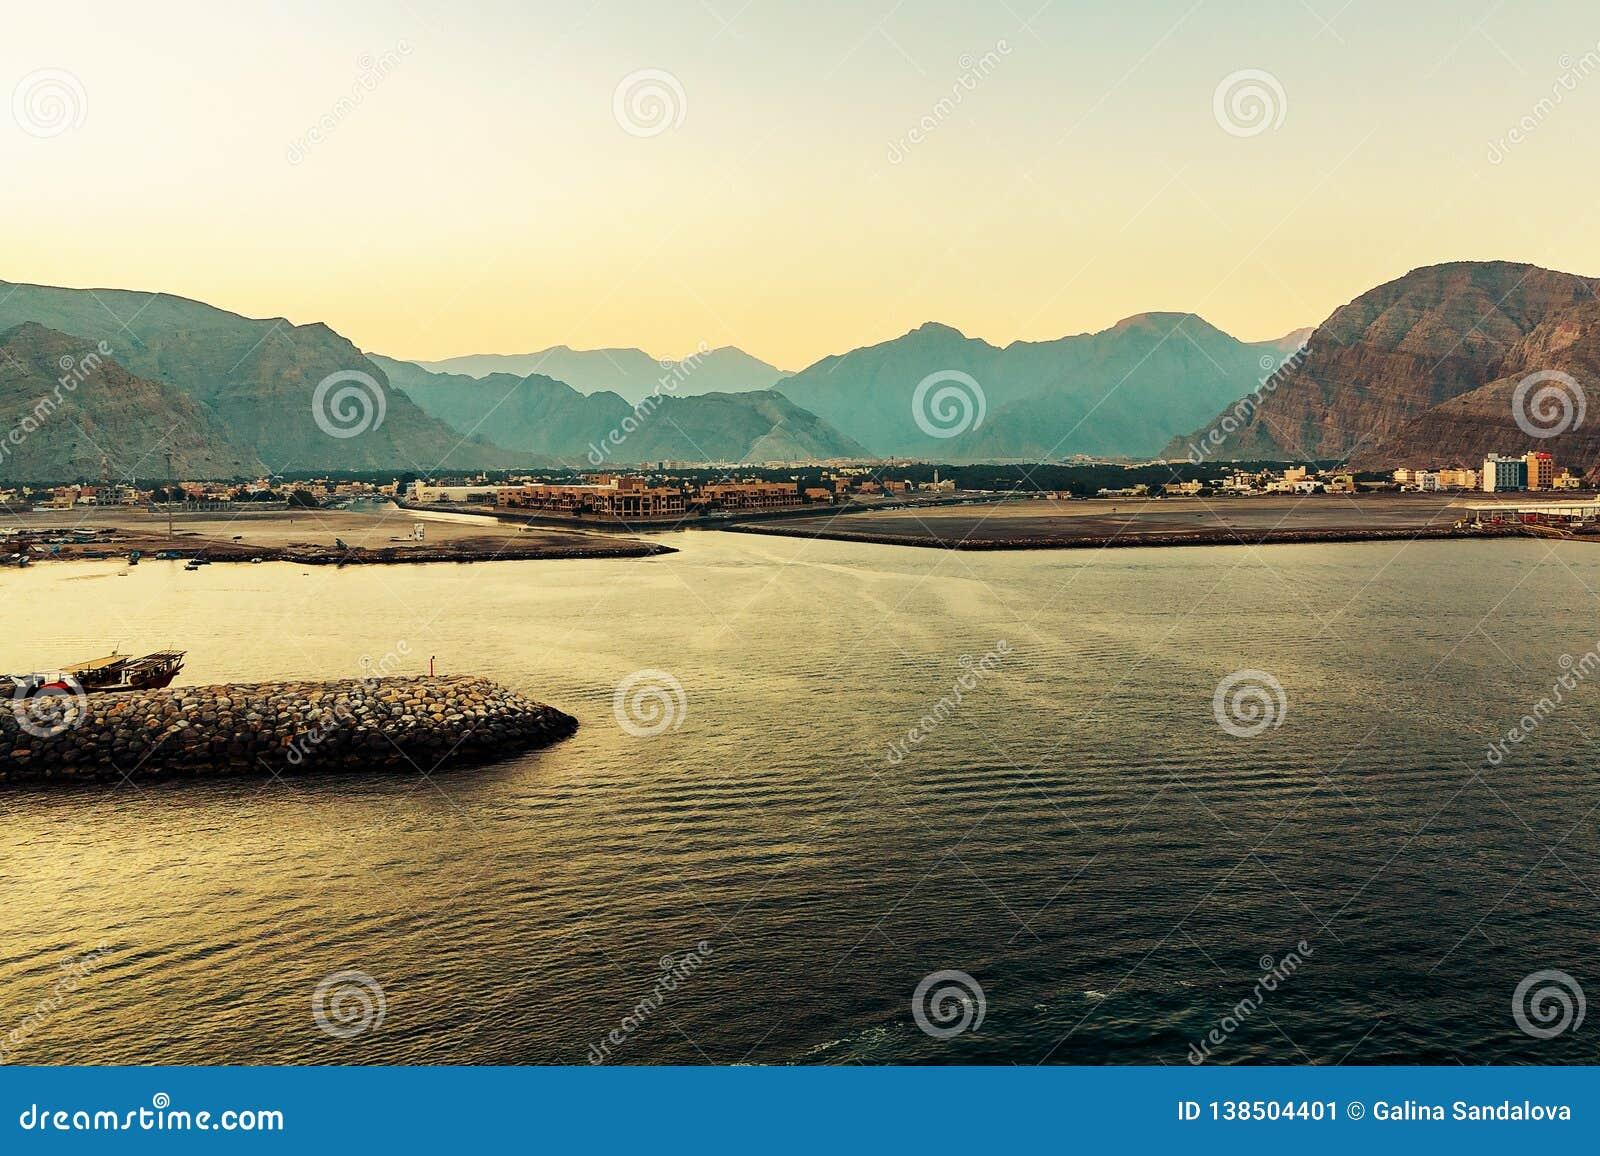 Côte du golfe d Oman, d un petit règlement ou d une ville loin sur le rivage